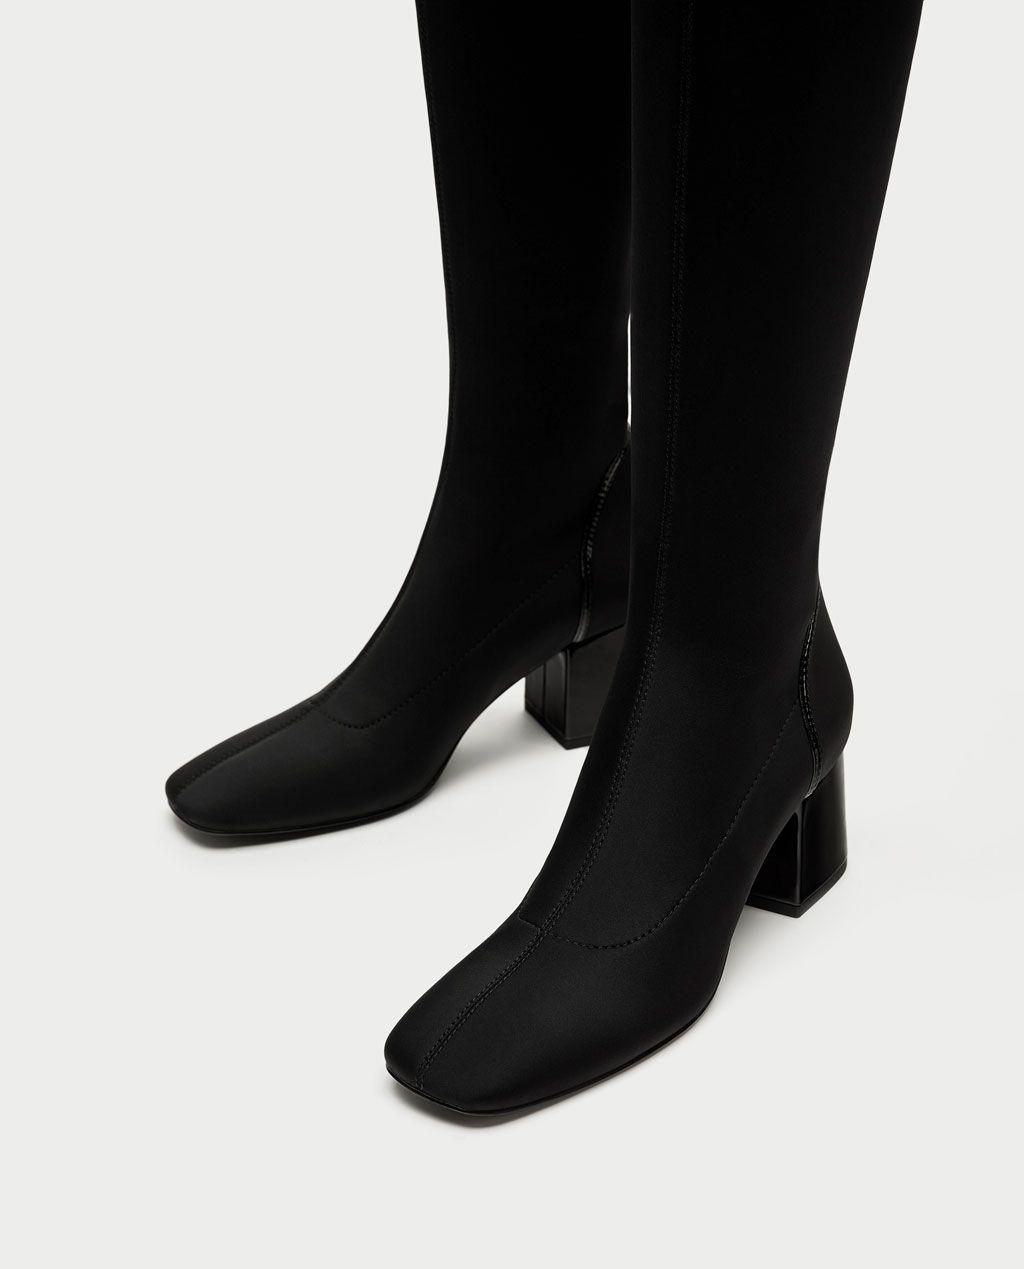 Diz Ustu Yuksek Topuklu Kumas Cizme Cizme Ayakkabi Kadin Zara Turkiye Cizmeler Topuklular Zara